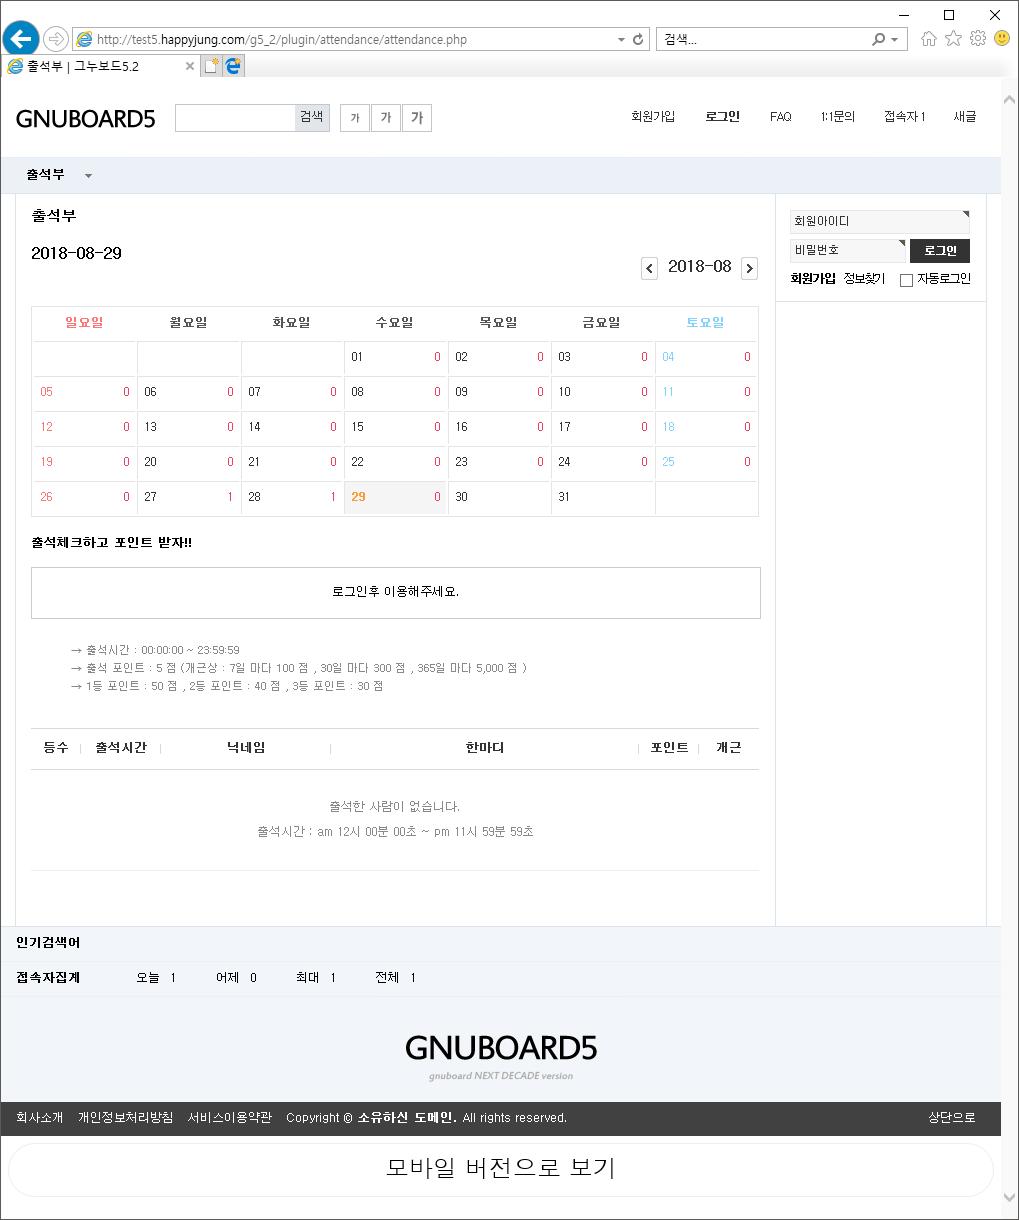 gnuboard5_attendance_5_2_20180829_1.png